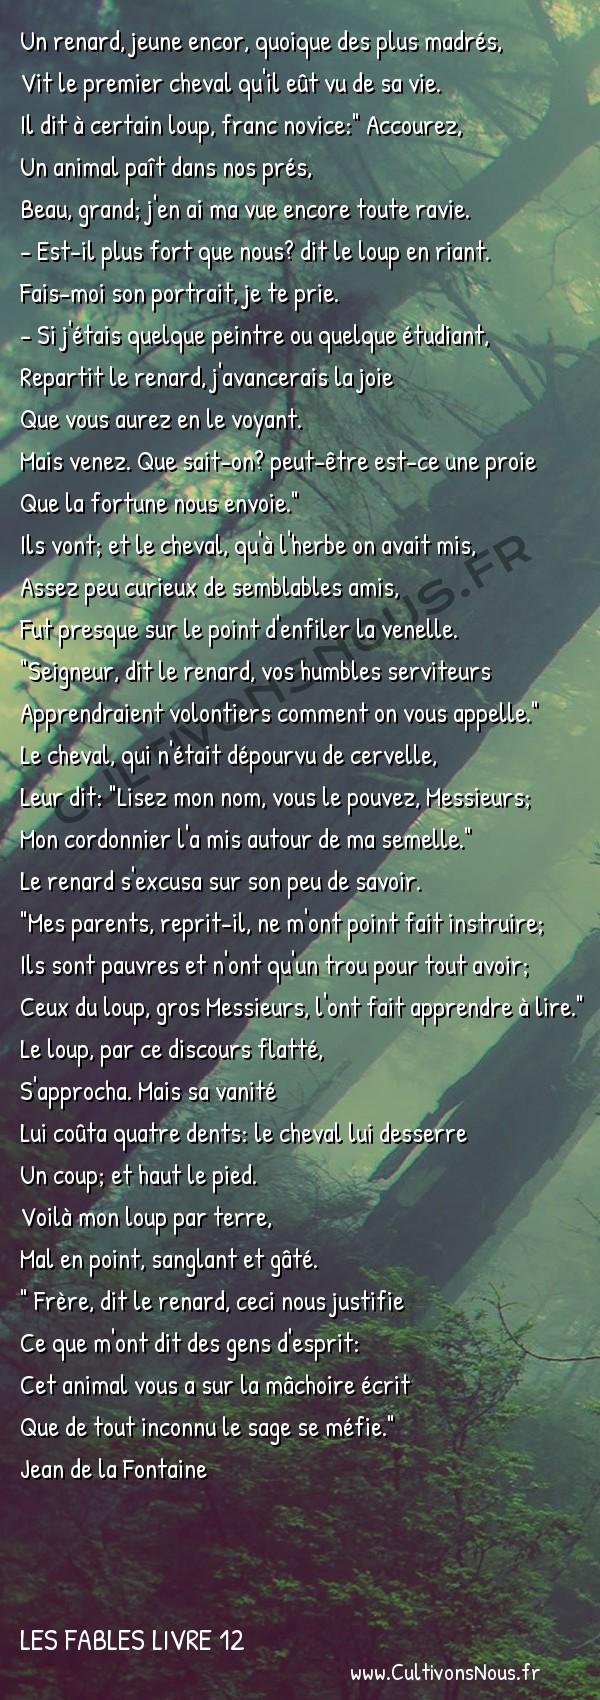 Fables Jean de la Fontaine - Les fables Livre 12 - Le Renard le Loup et le Cheval -   Un renard, jeune encor, quoique des plus madrés, Vit le premier cheval qu'il eût vu de sa vie.